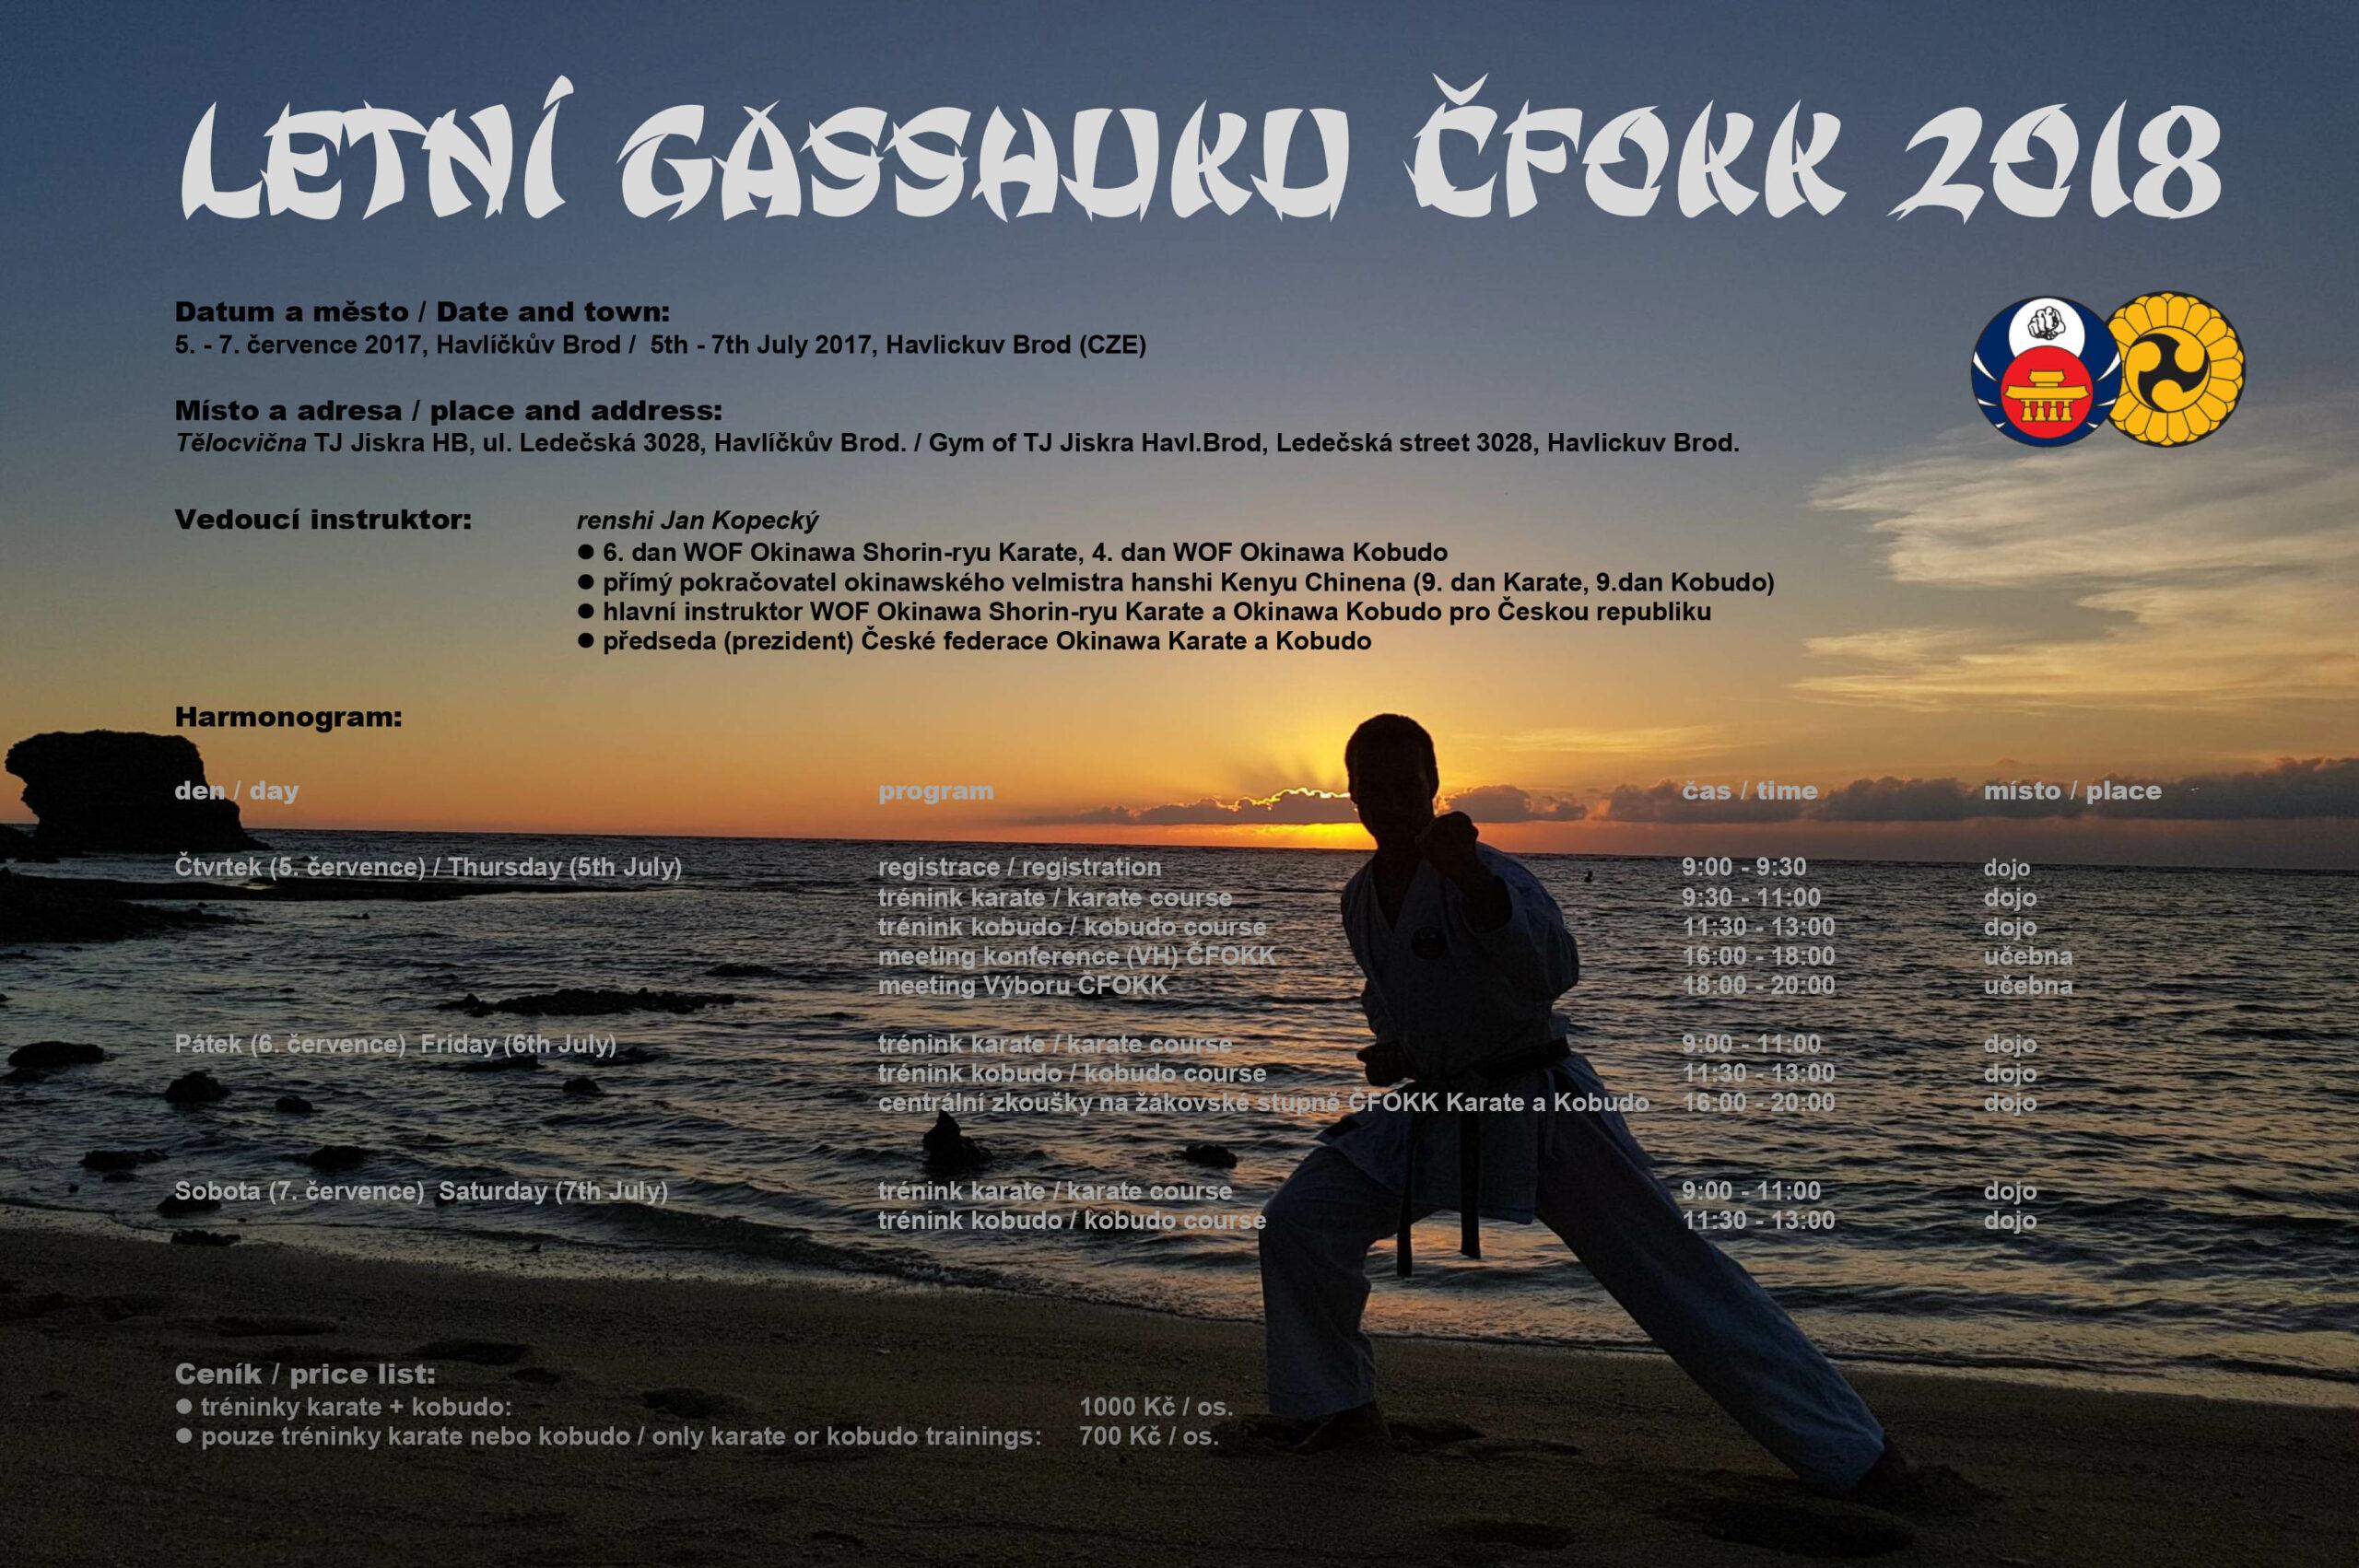 Letní národní Gasshuku ČFOKK 2018 (Okinawa Shorin-ryu Karate a Okinawa Kobudo) @ Havlíčkův Brod